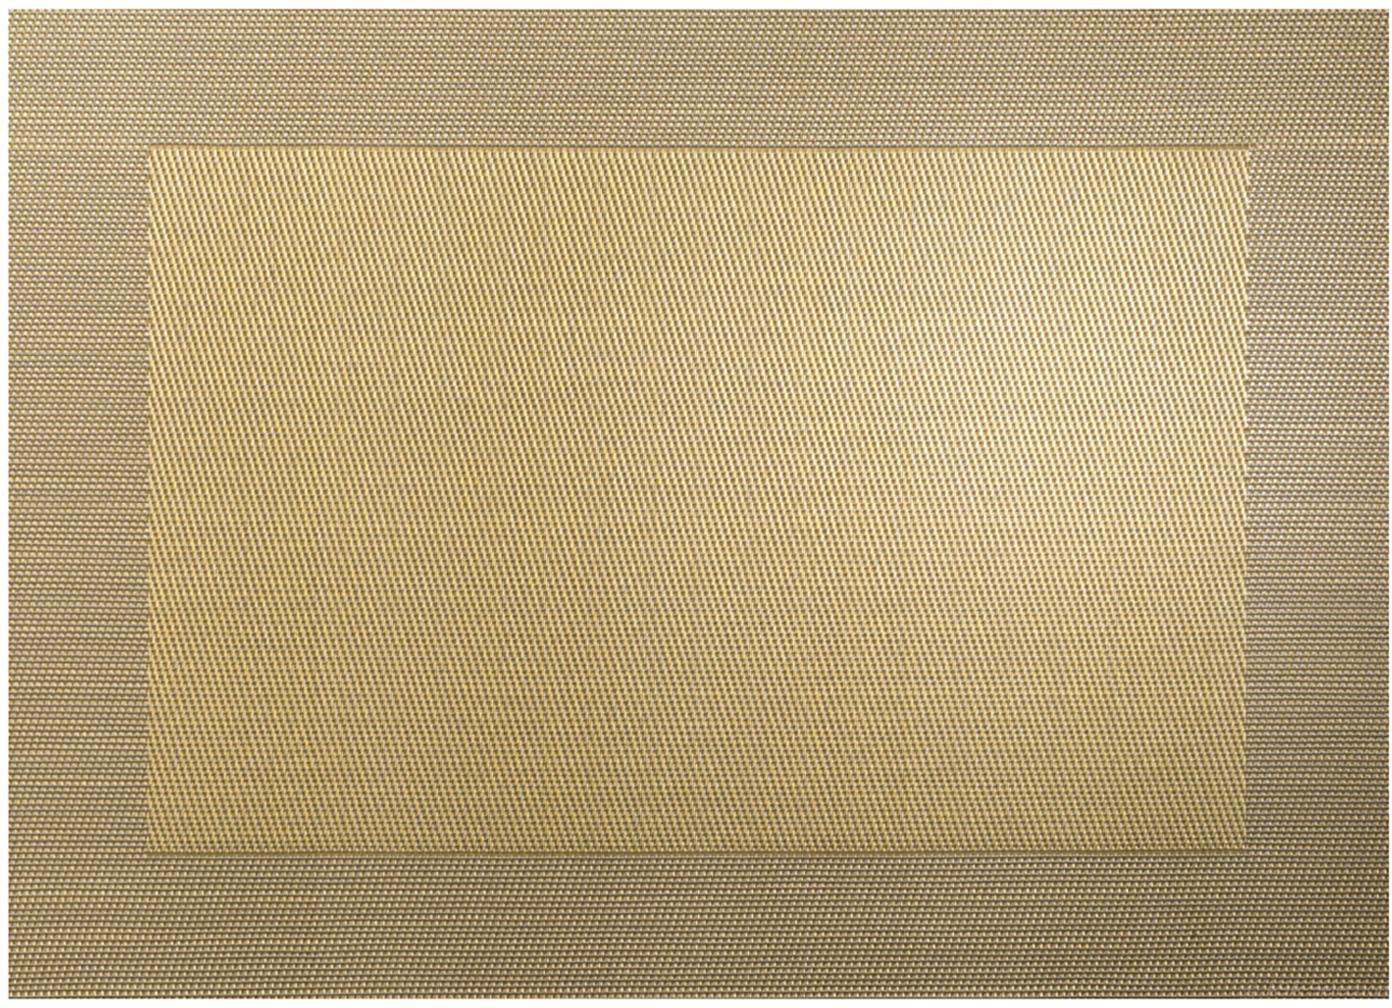 Tovaglietta americana in materiale sintetico Trefl 2 pz, Materiale sintetico (PVC), Dorato, Larg. 33 x Lung. 46 cm